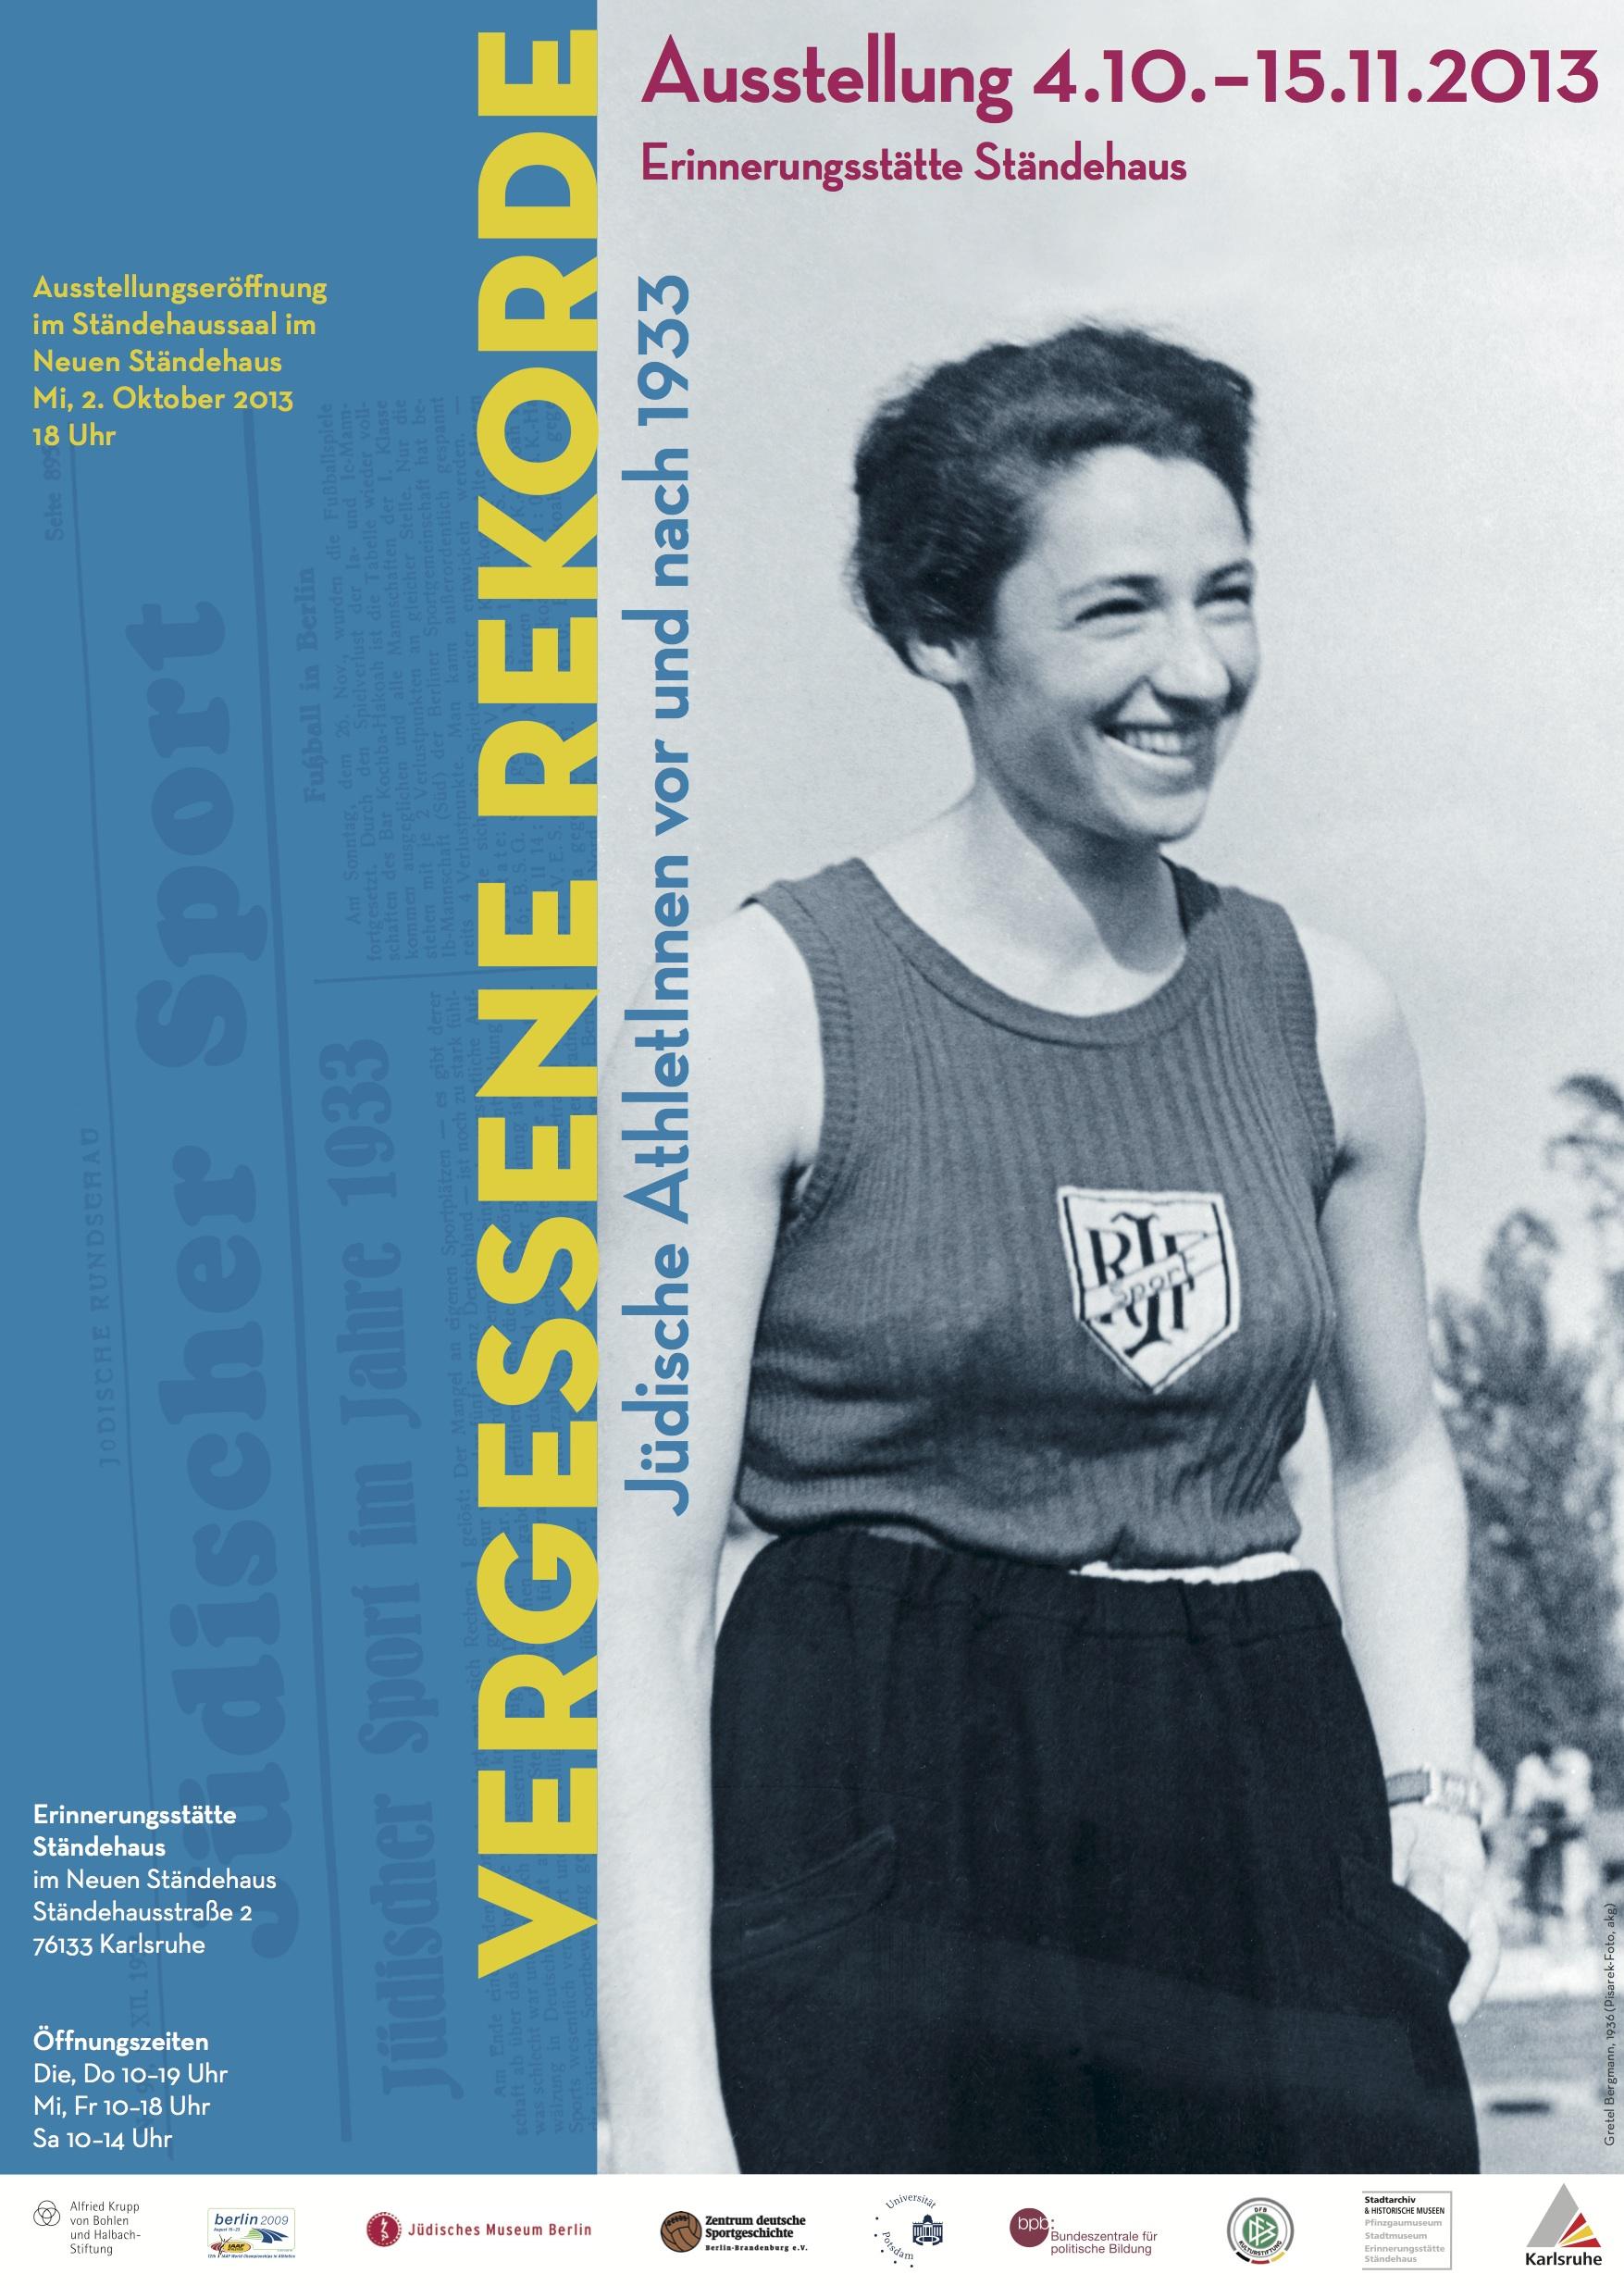 Plakat Vergessene Rekorde in Karlsruhe